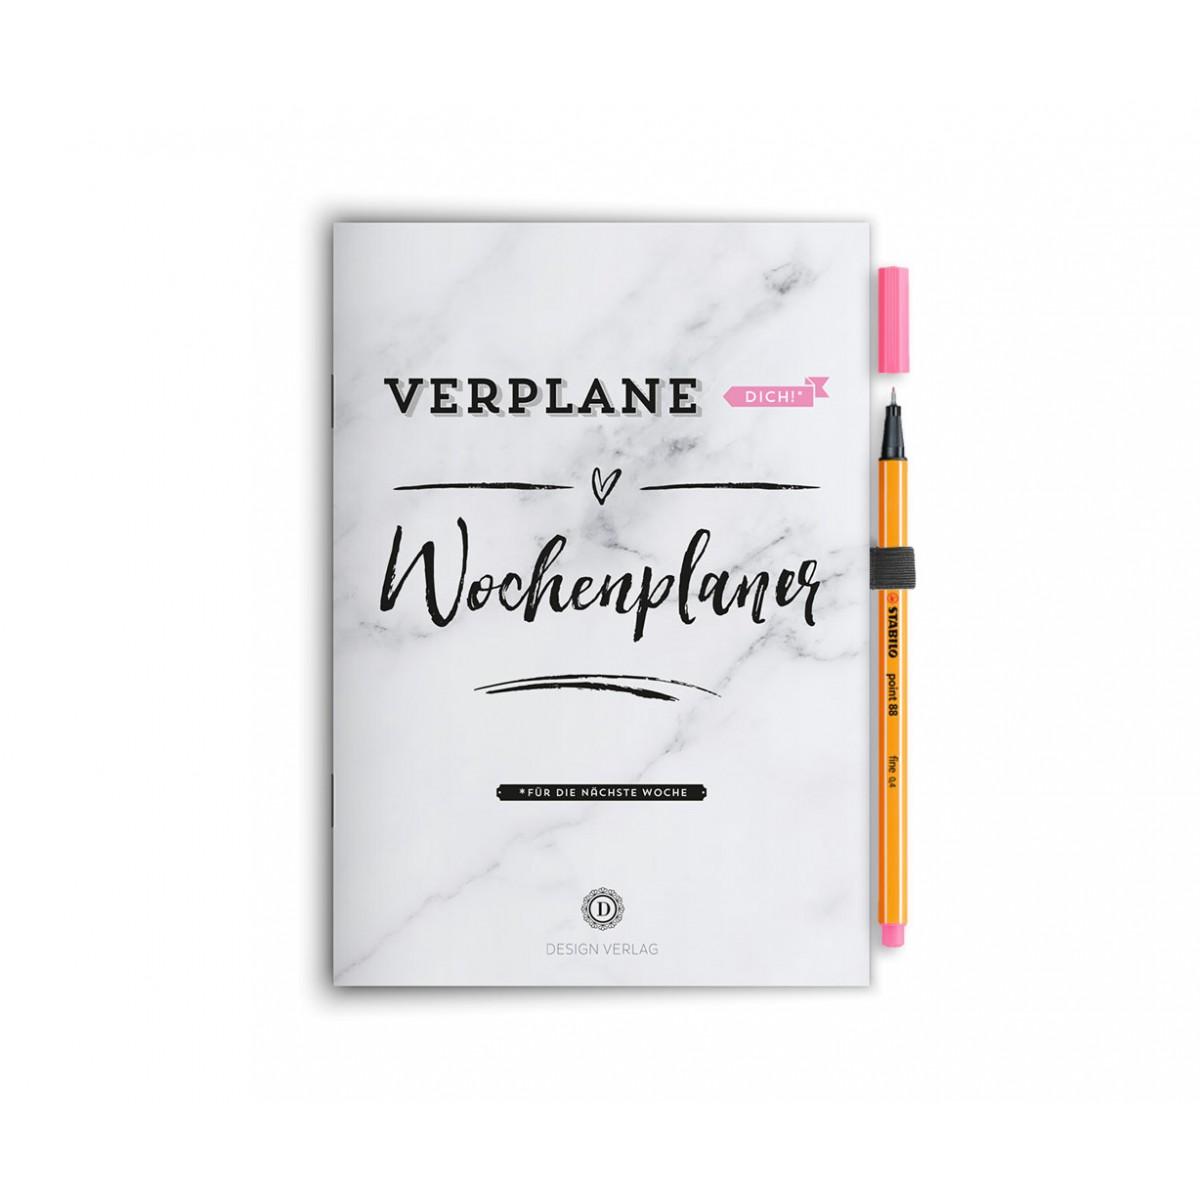 """Wochenplaner Notizbuch """"Verplane dich!"""" - Rosa"""